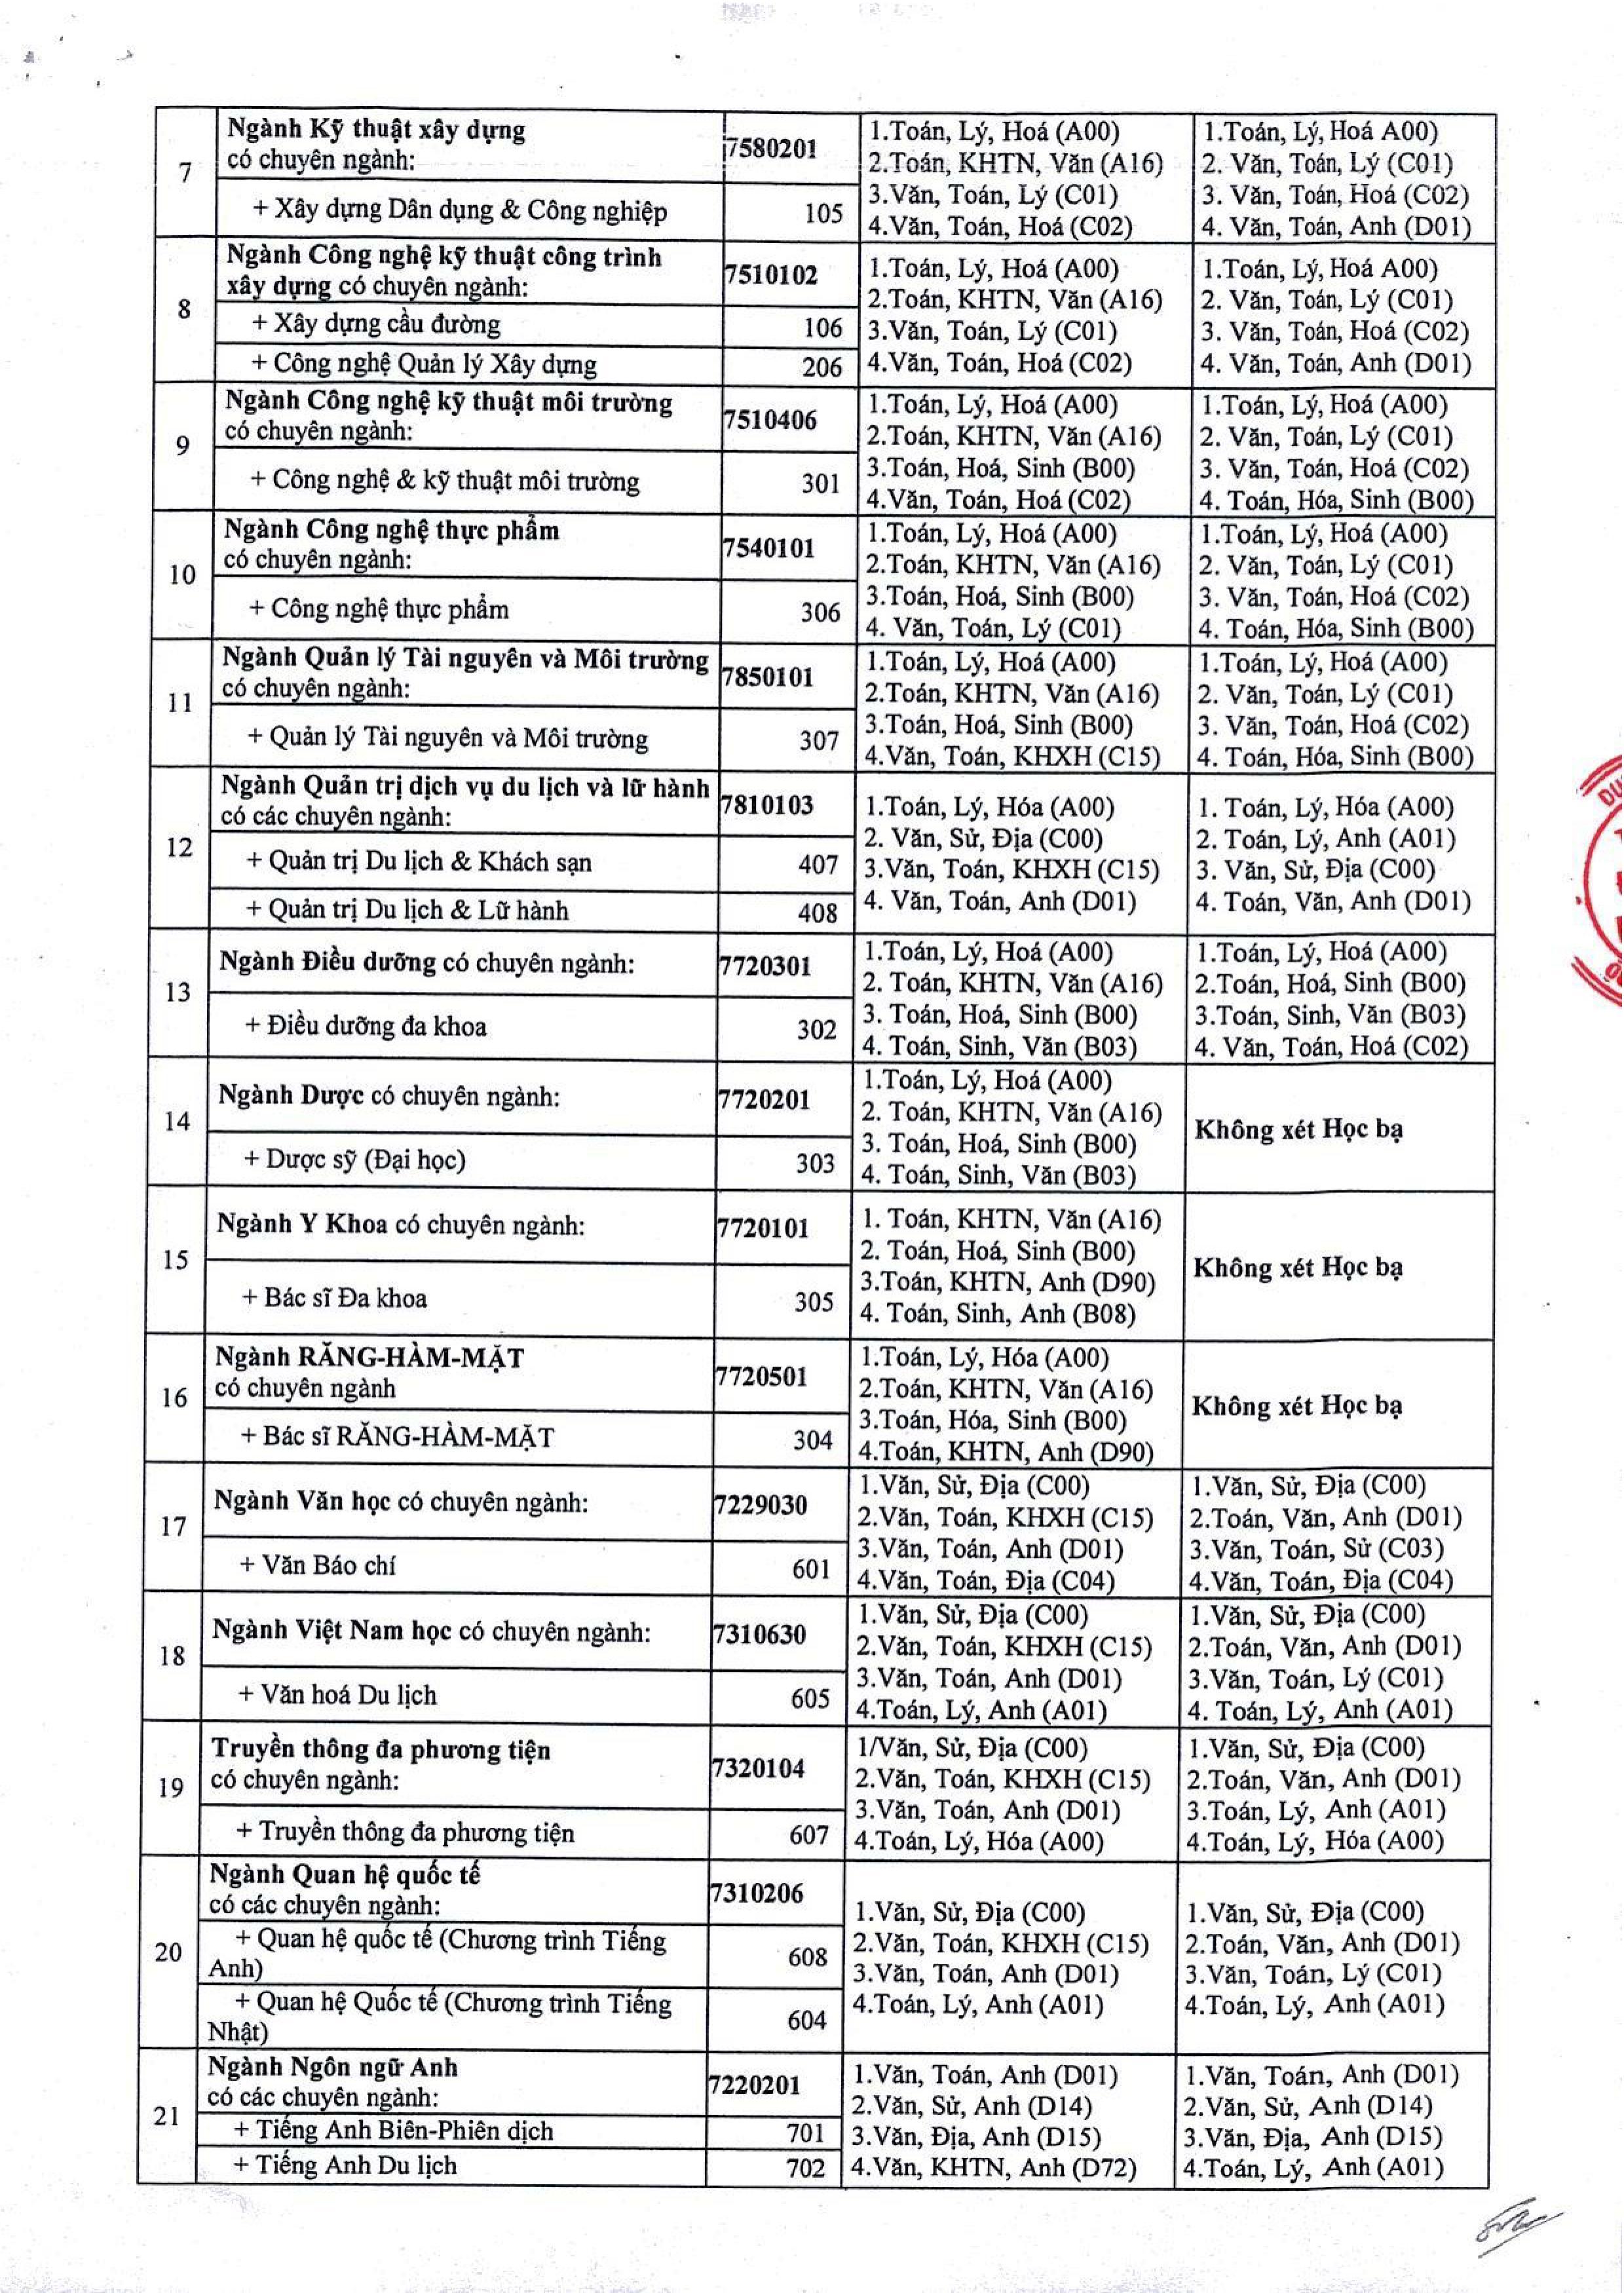 Thông báo Tuyển sinh Đại học Duy Tân năm 2019 83cfe3dd-17f6-46a6-aeb9-961083d13349